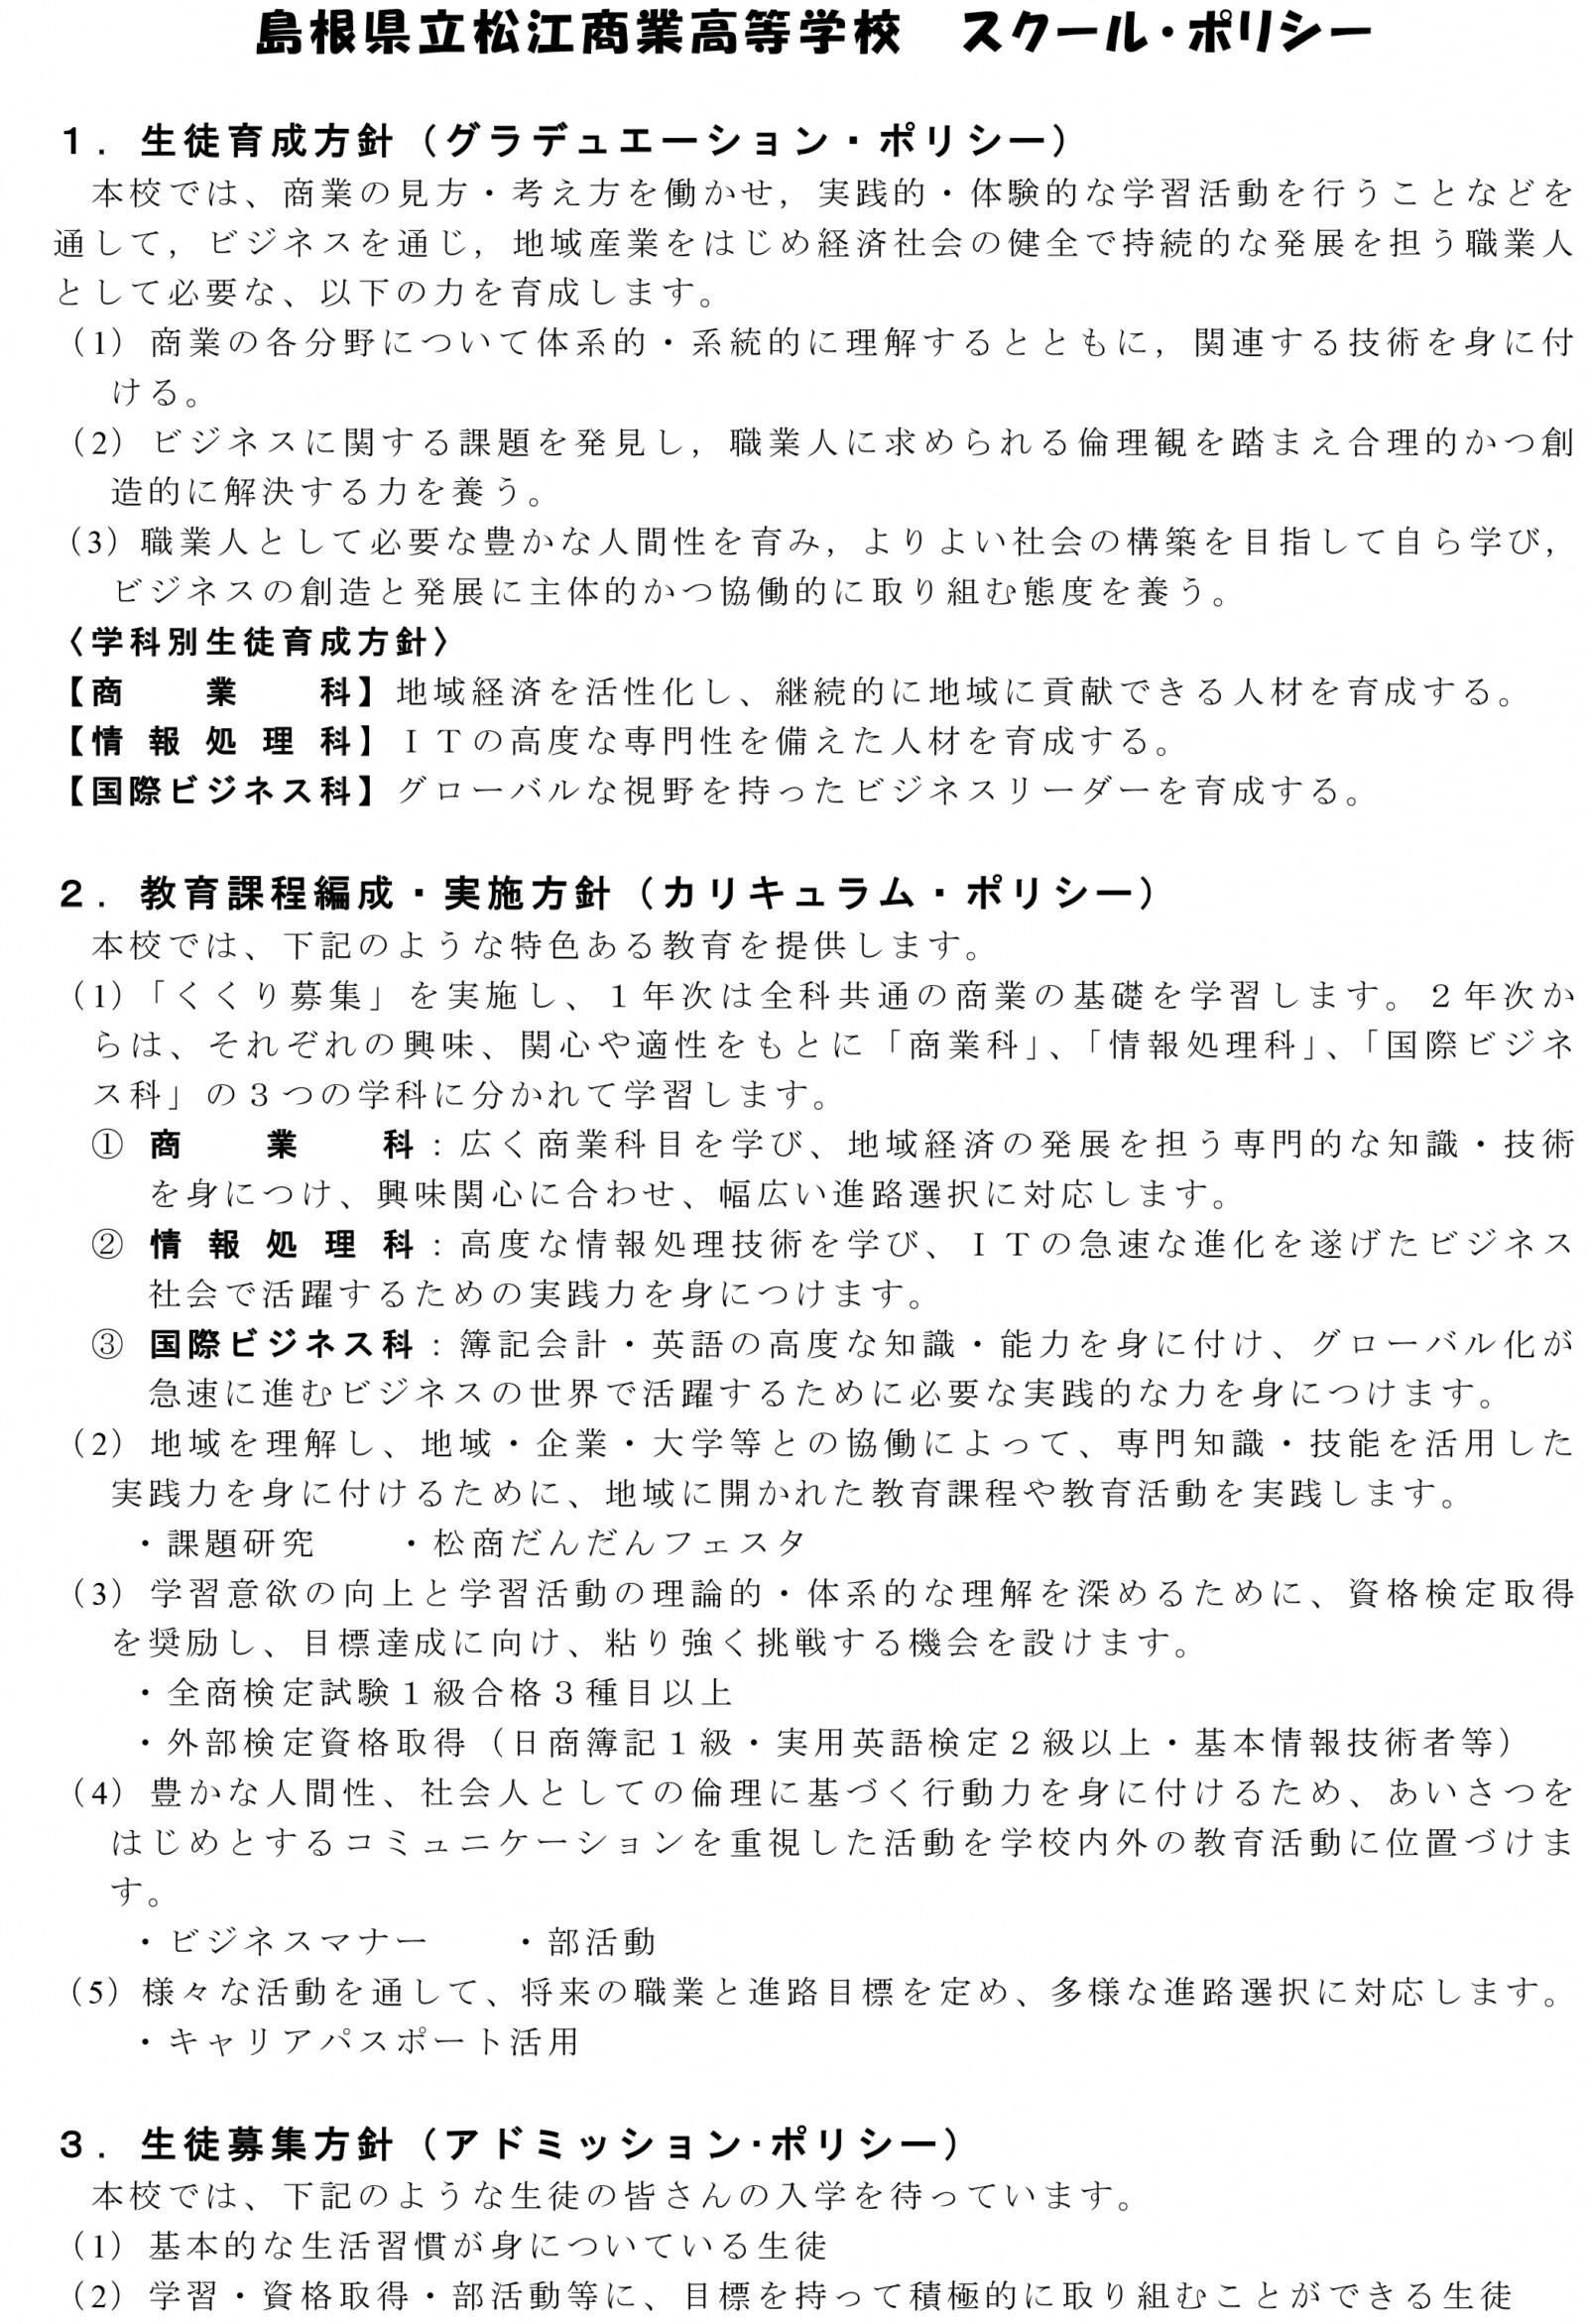 島根県立松江商業高等学校 スクール・ポリシー